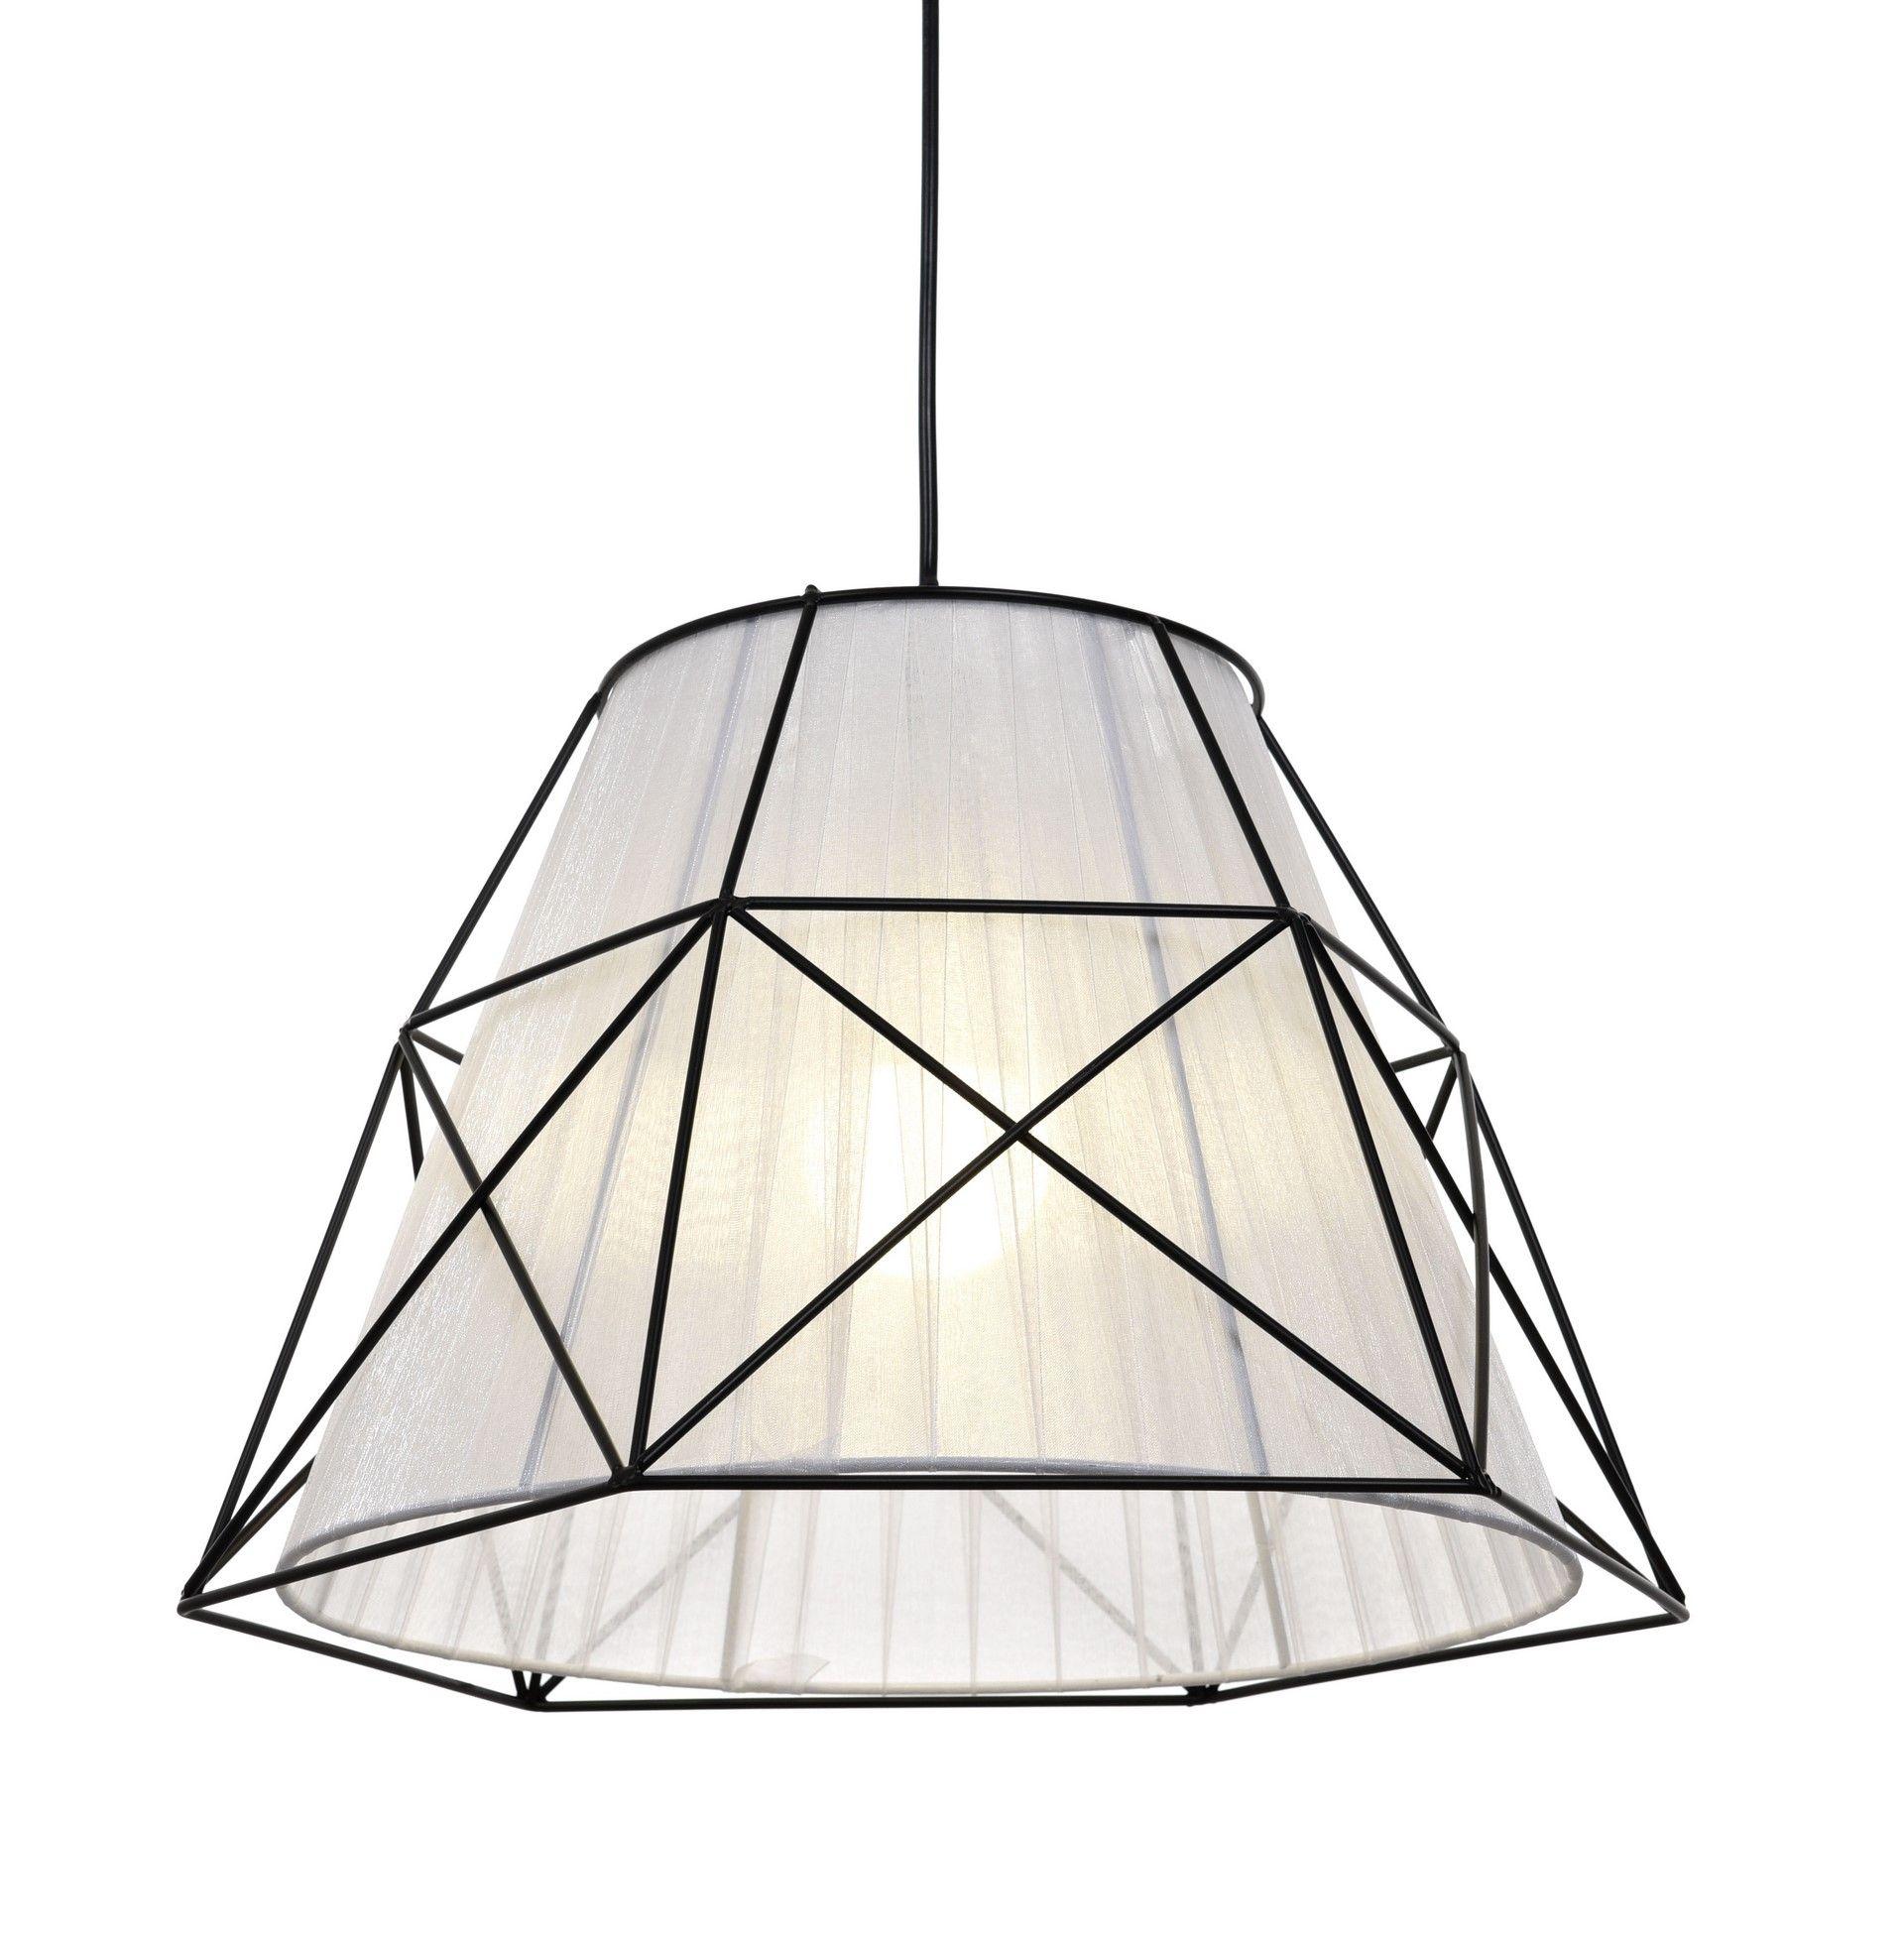 Подвесной светильник Lumina Deco Boneti LDP 8002 BK+WT, 1xE27x40W, черный, черный с белым, металл, текстиль - фото 2